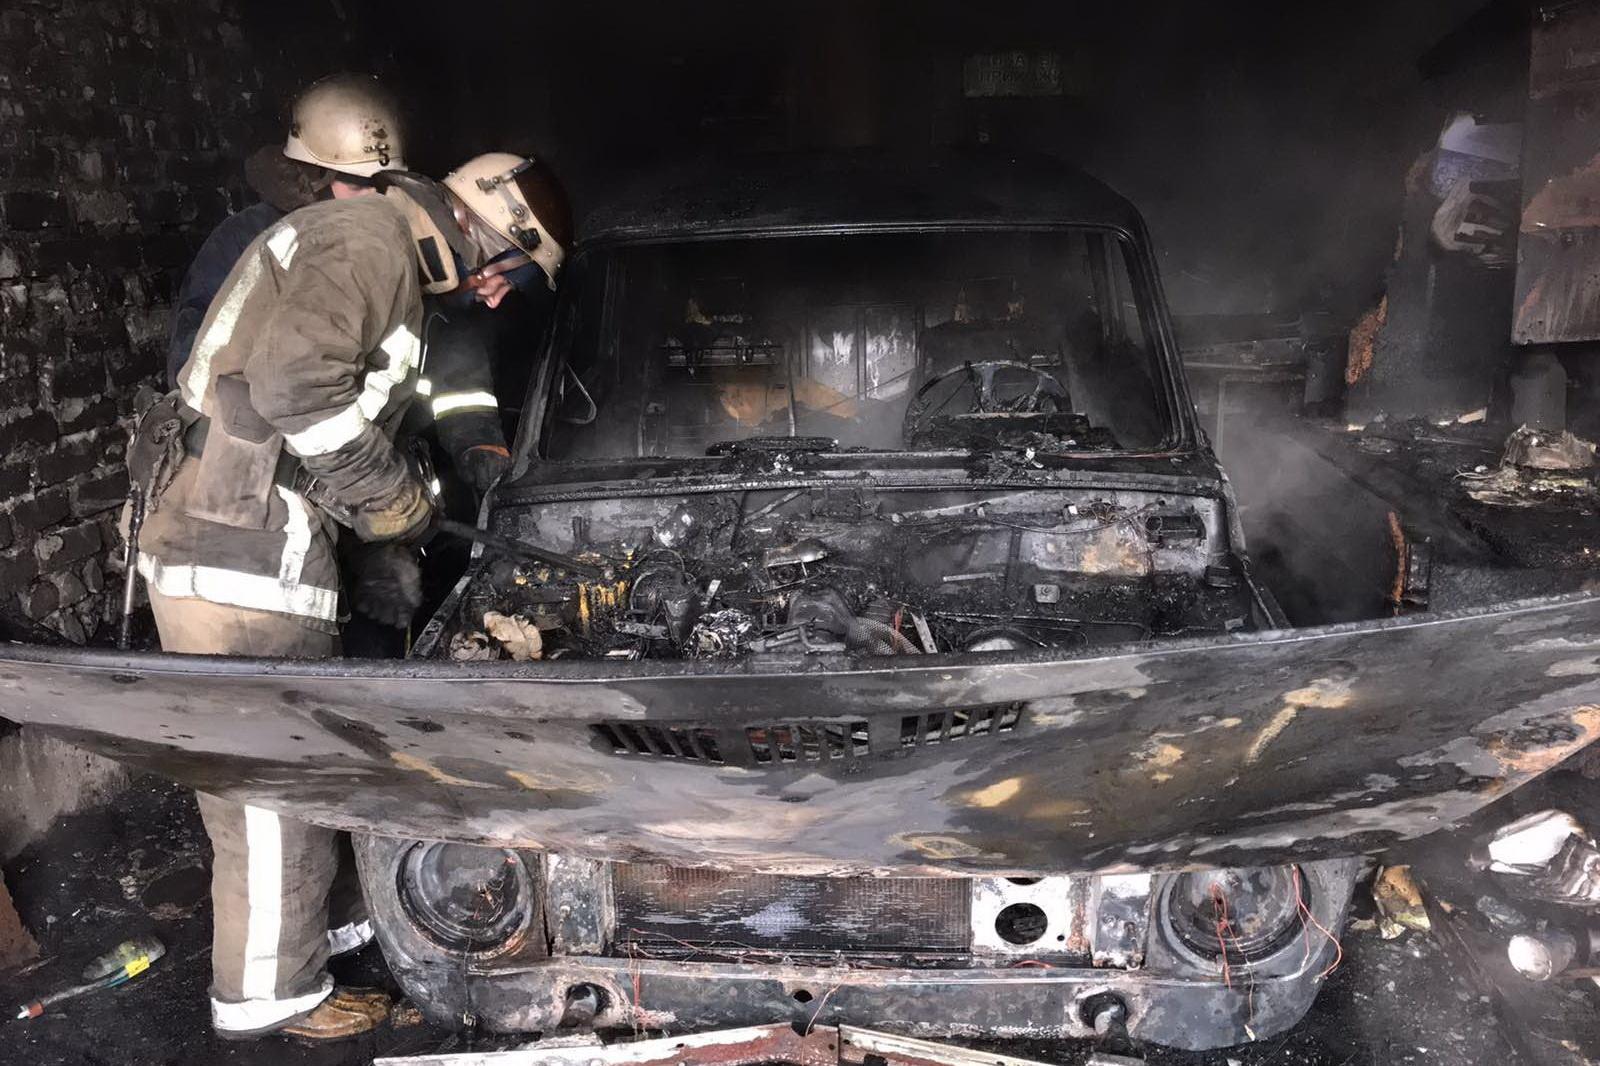 Возгорание транспортного средства в городском округе Ступино